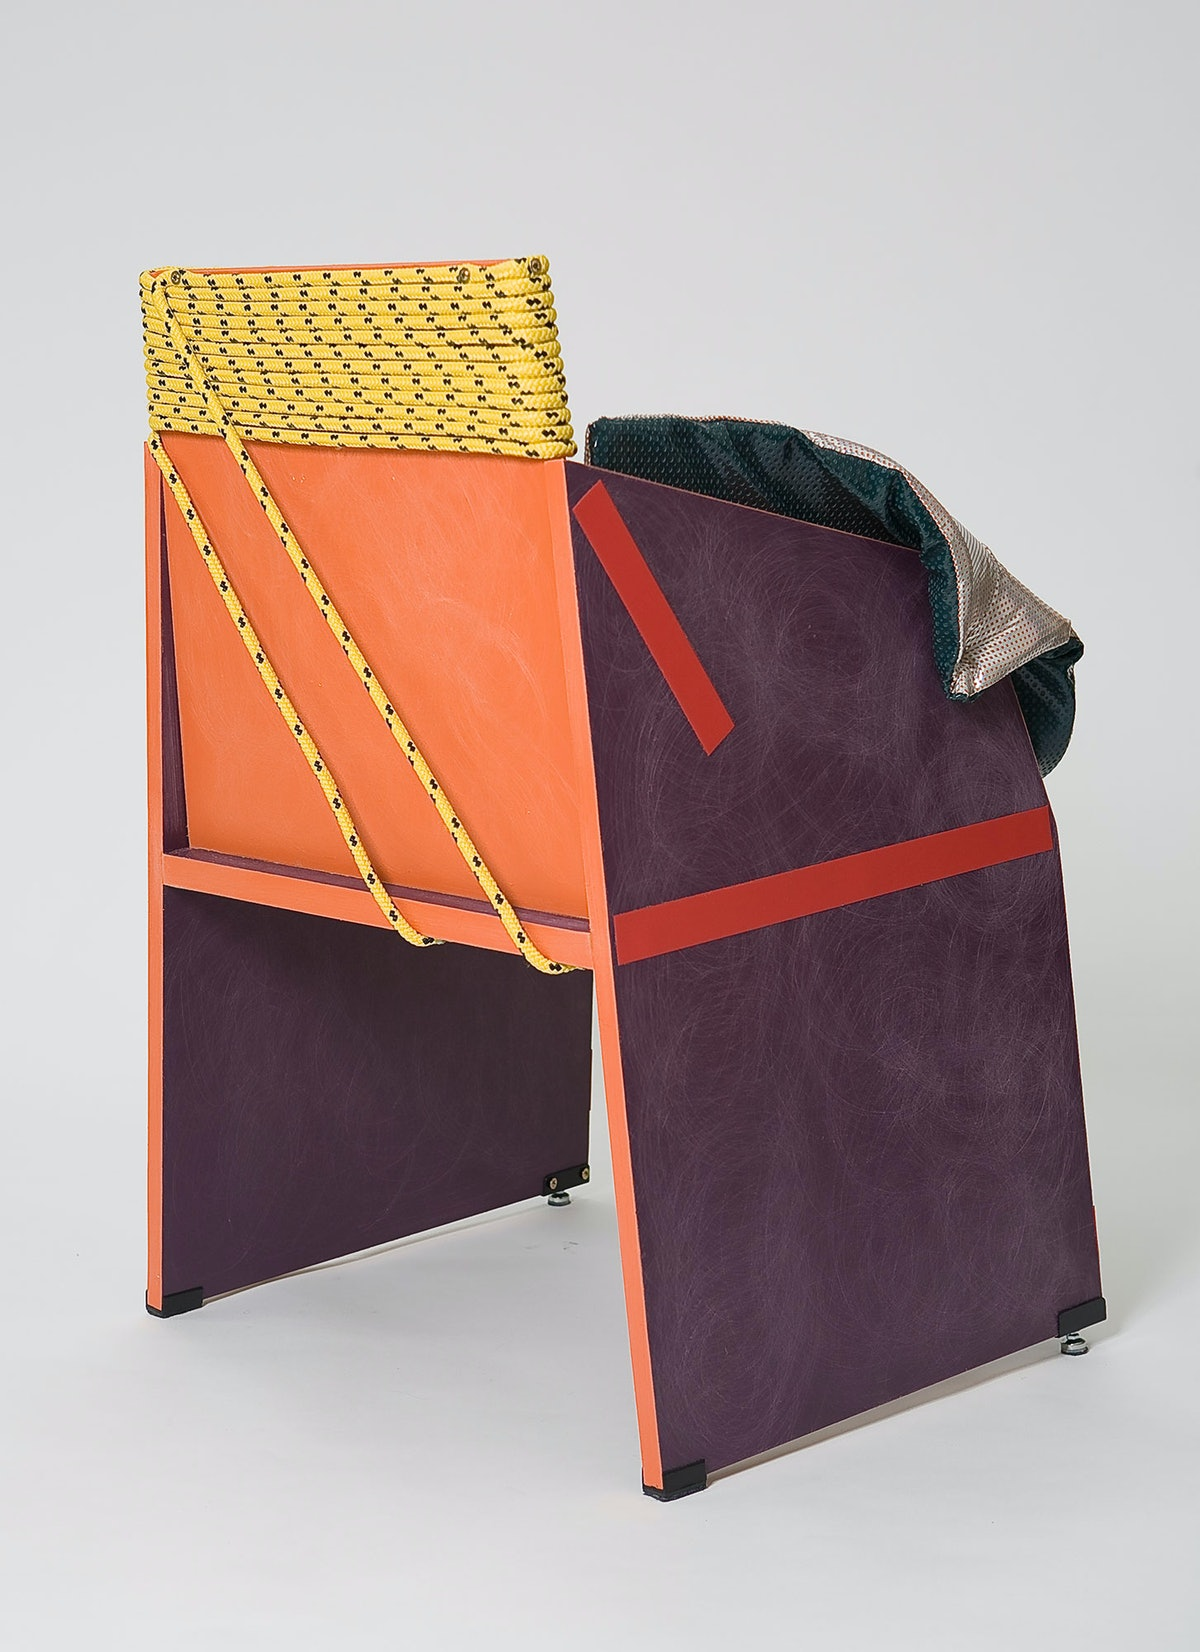 Rodrigo Almeida's Concreta Chair